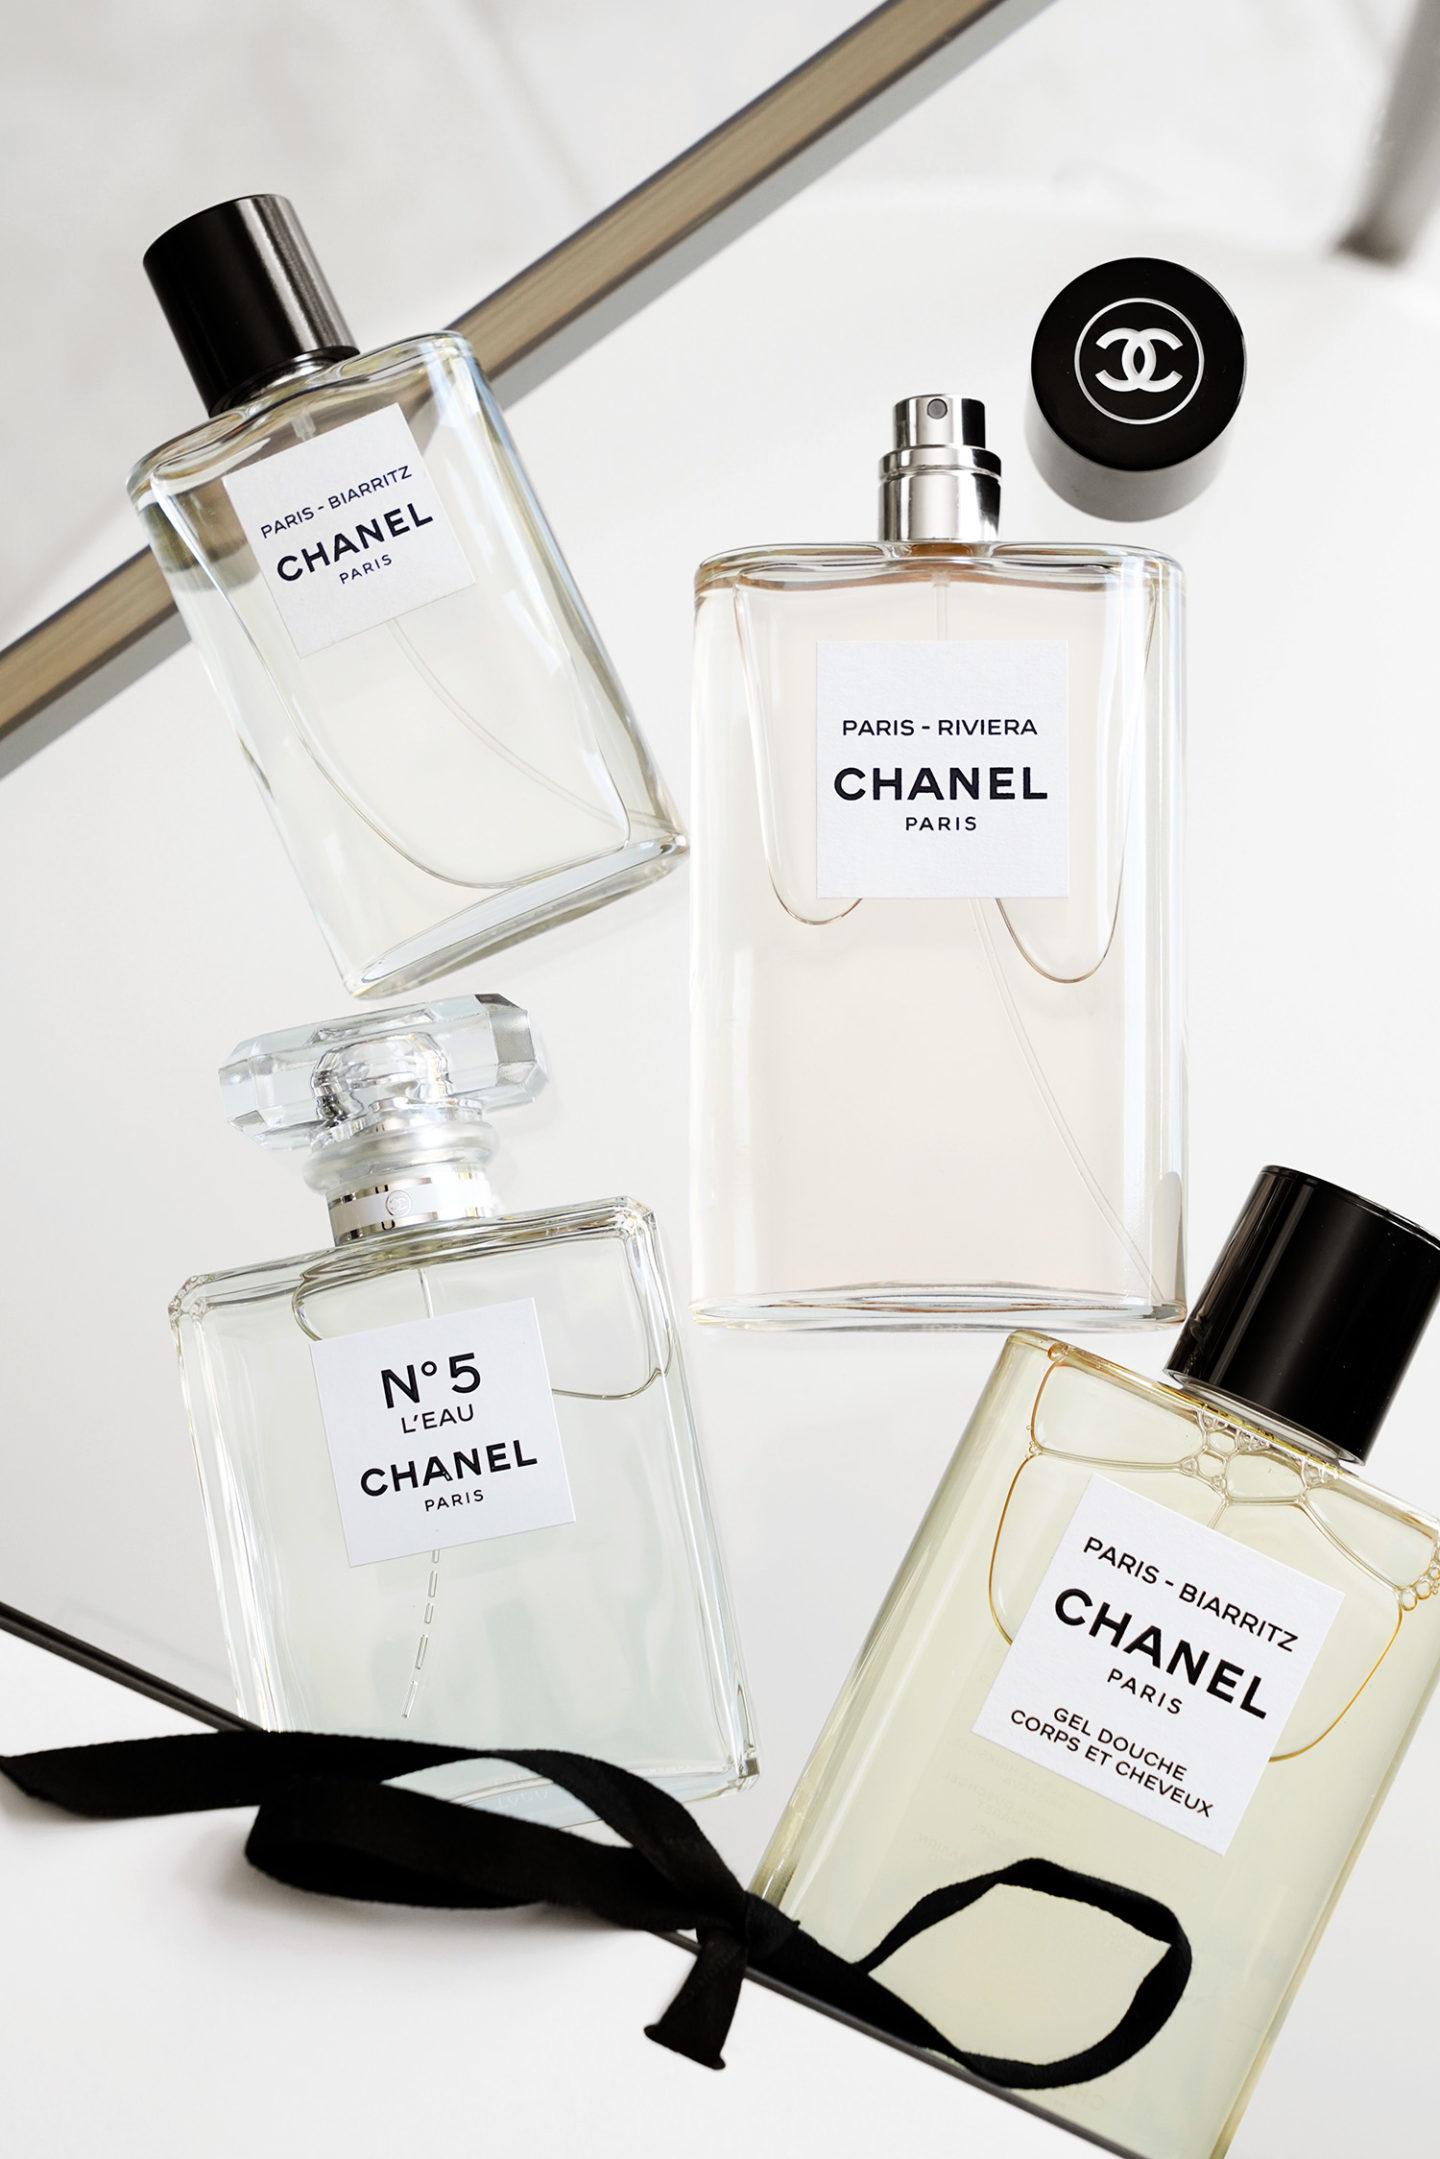 Meilleurs Parfums Chanel Les Eaux de Chanel et No5 L'Eau